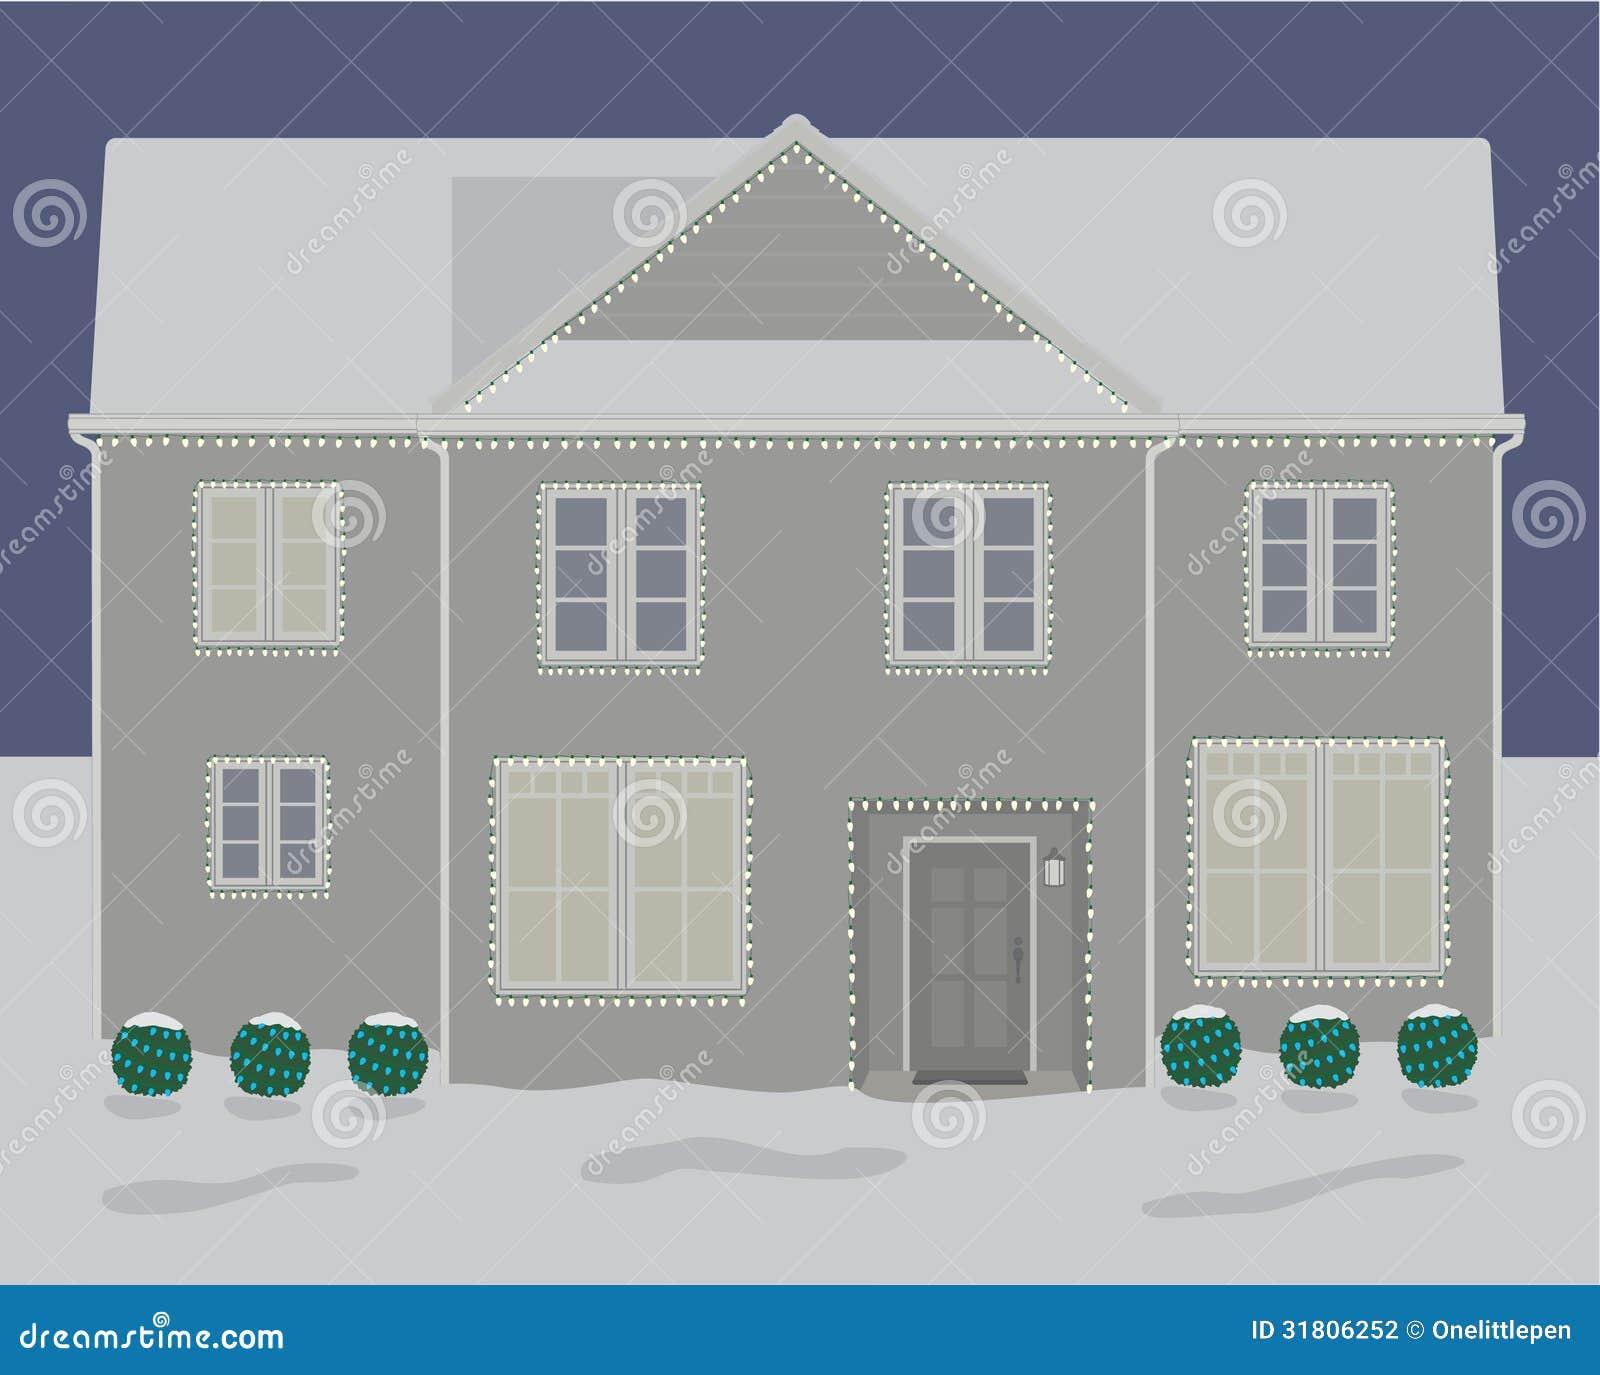 Luci Di Natale In Camera.Luci Di Natale Di Inverno Della Camera Illustrazione